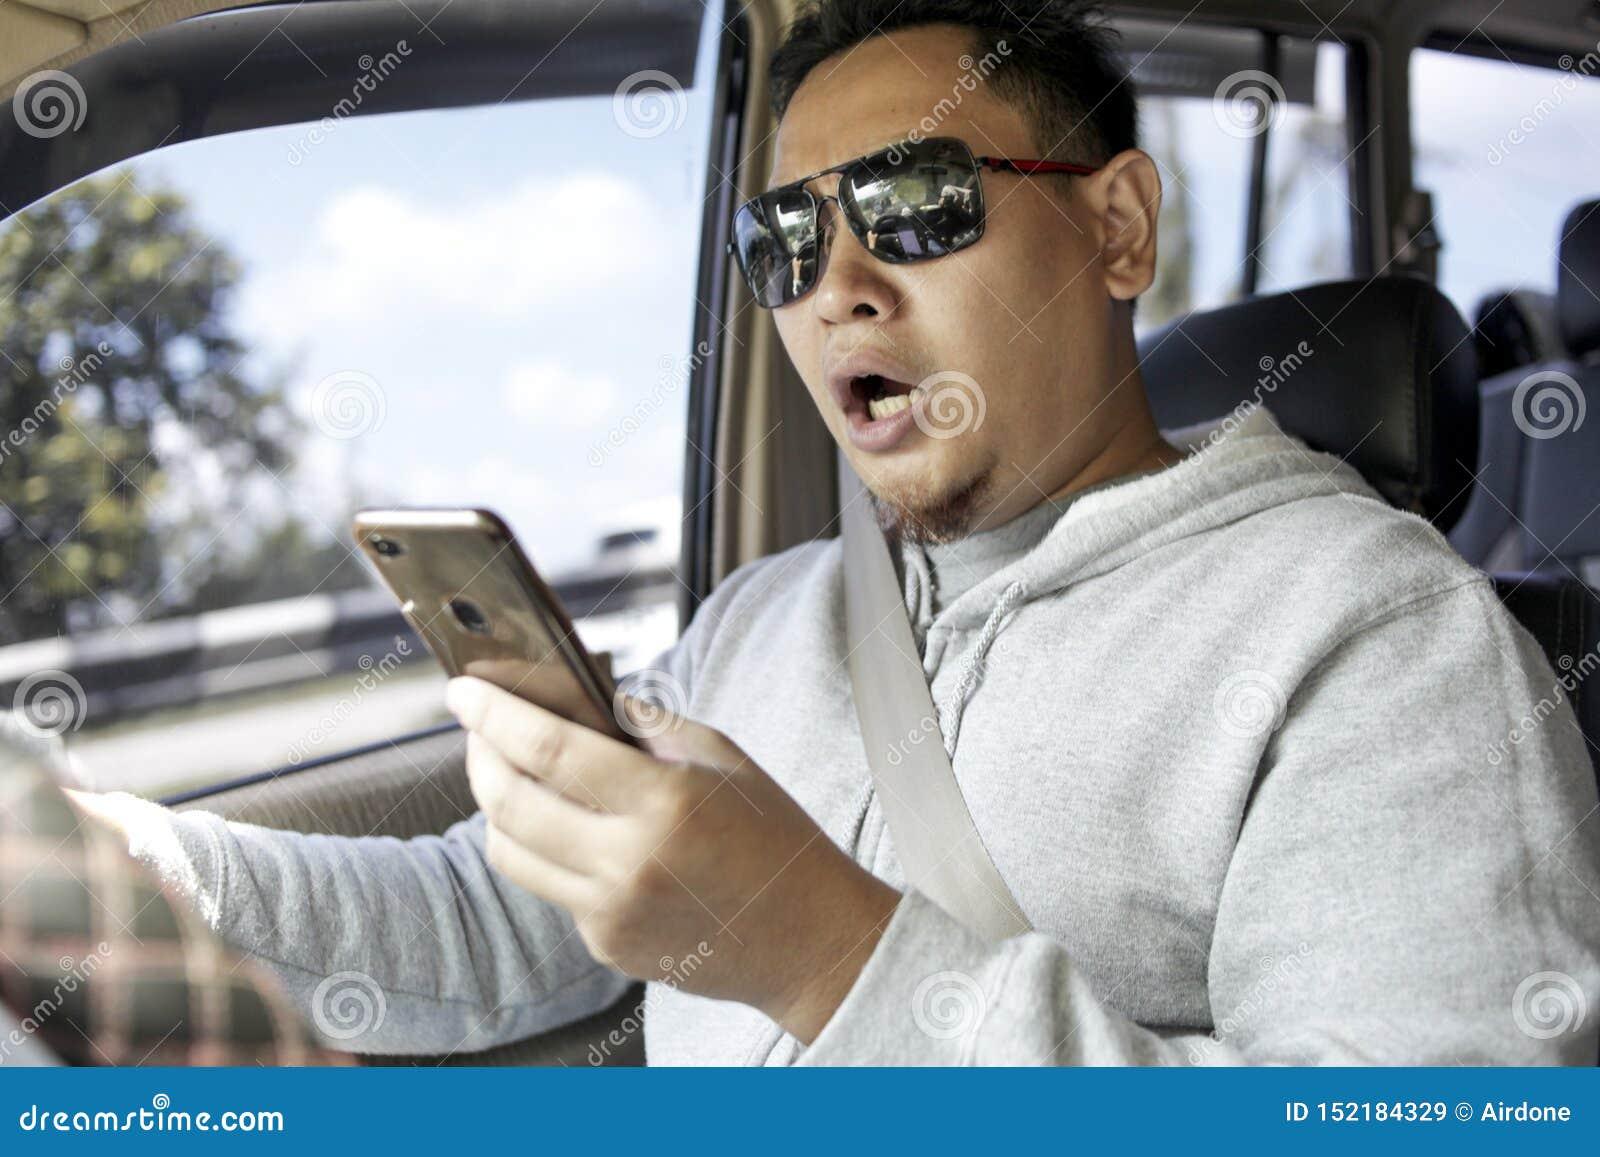 Autista maschio Reading Message sullo Smart Phone mentre conducendo un automobile